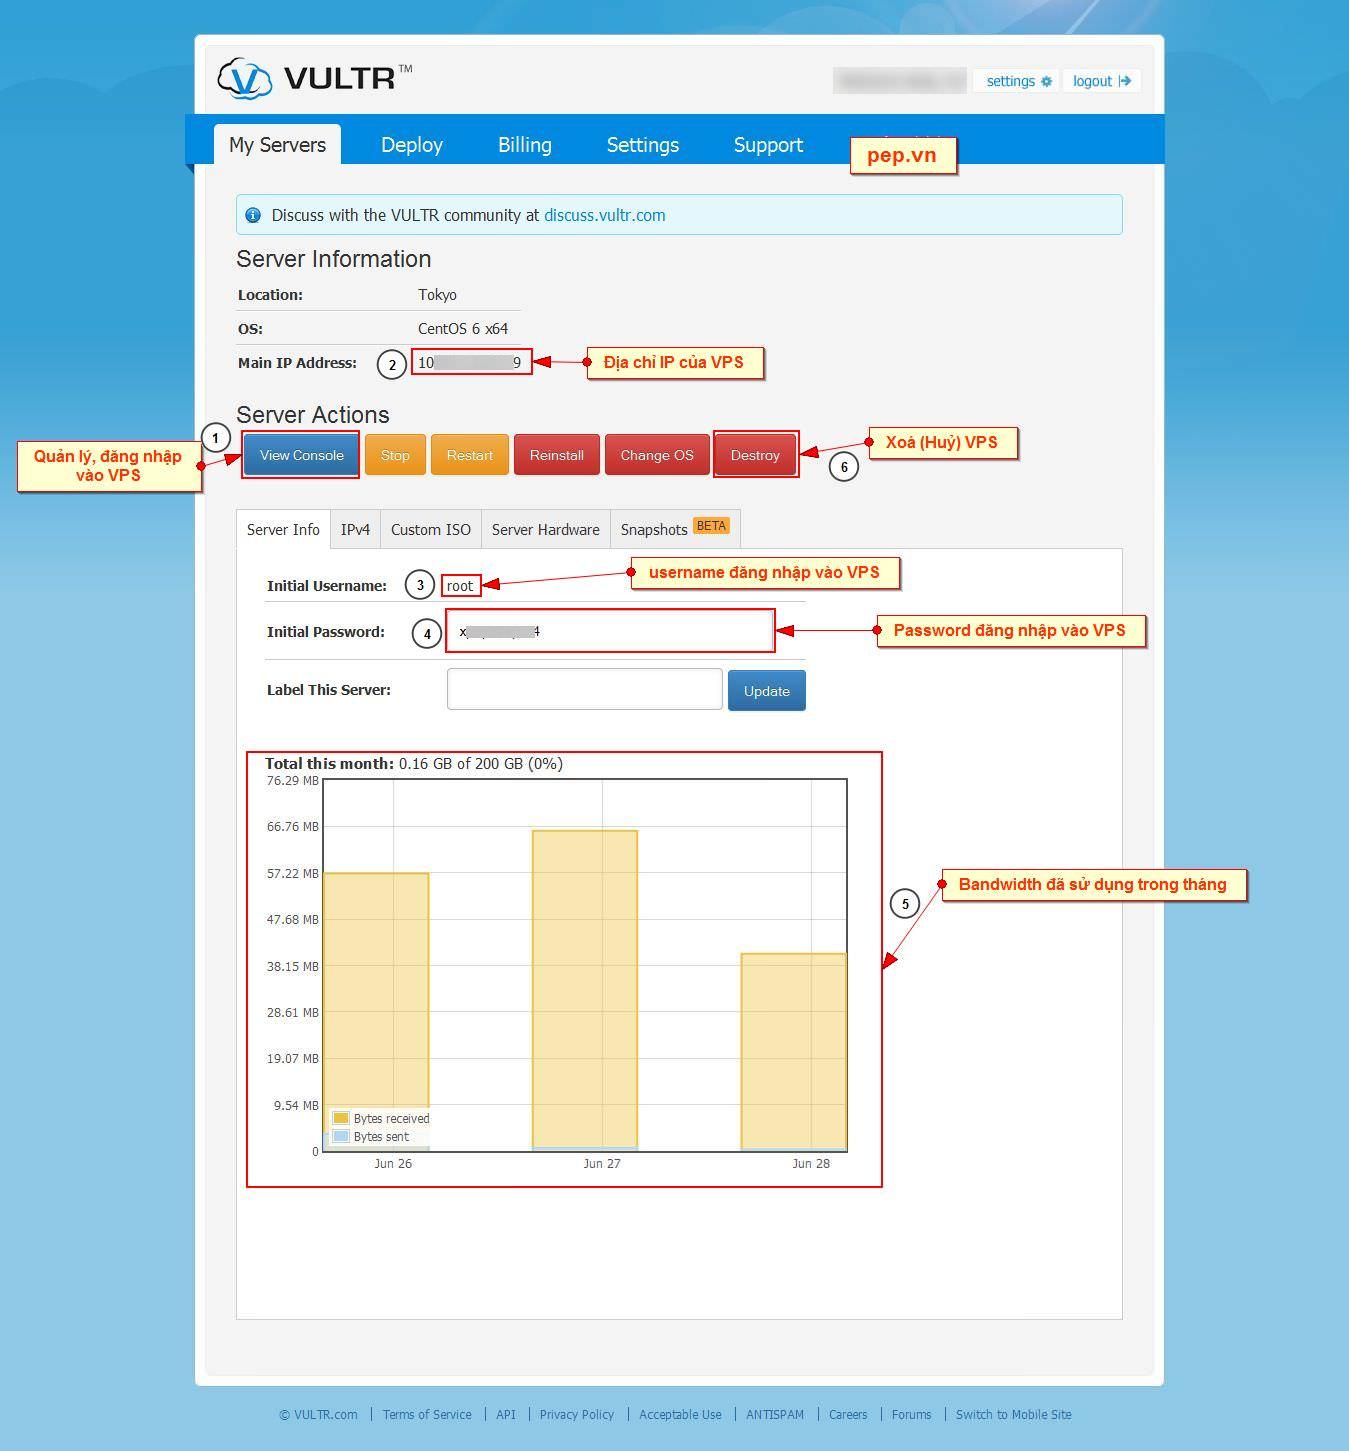 Cách đăng ký và tạo VPS giá rẻ tại VULTR - blog-xtraffic pep vn